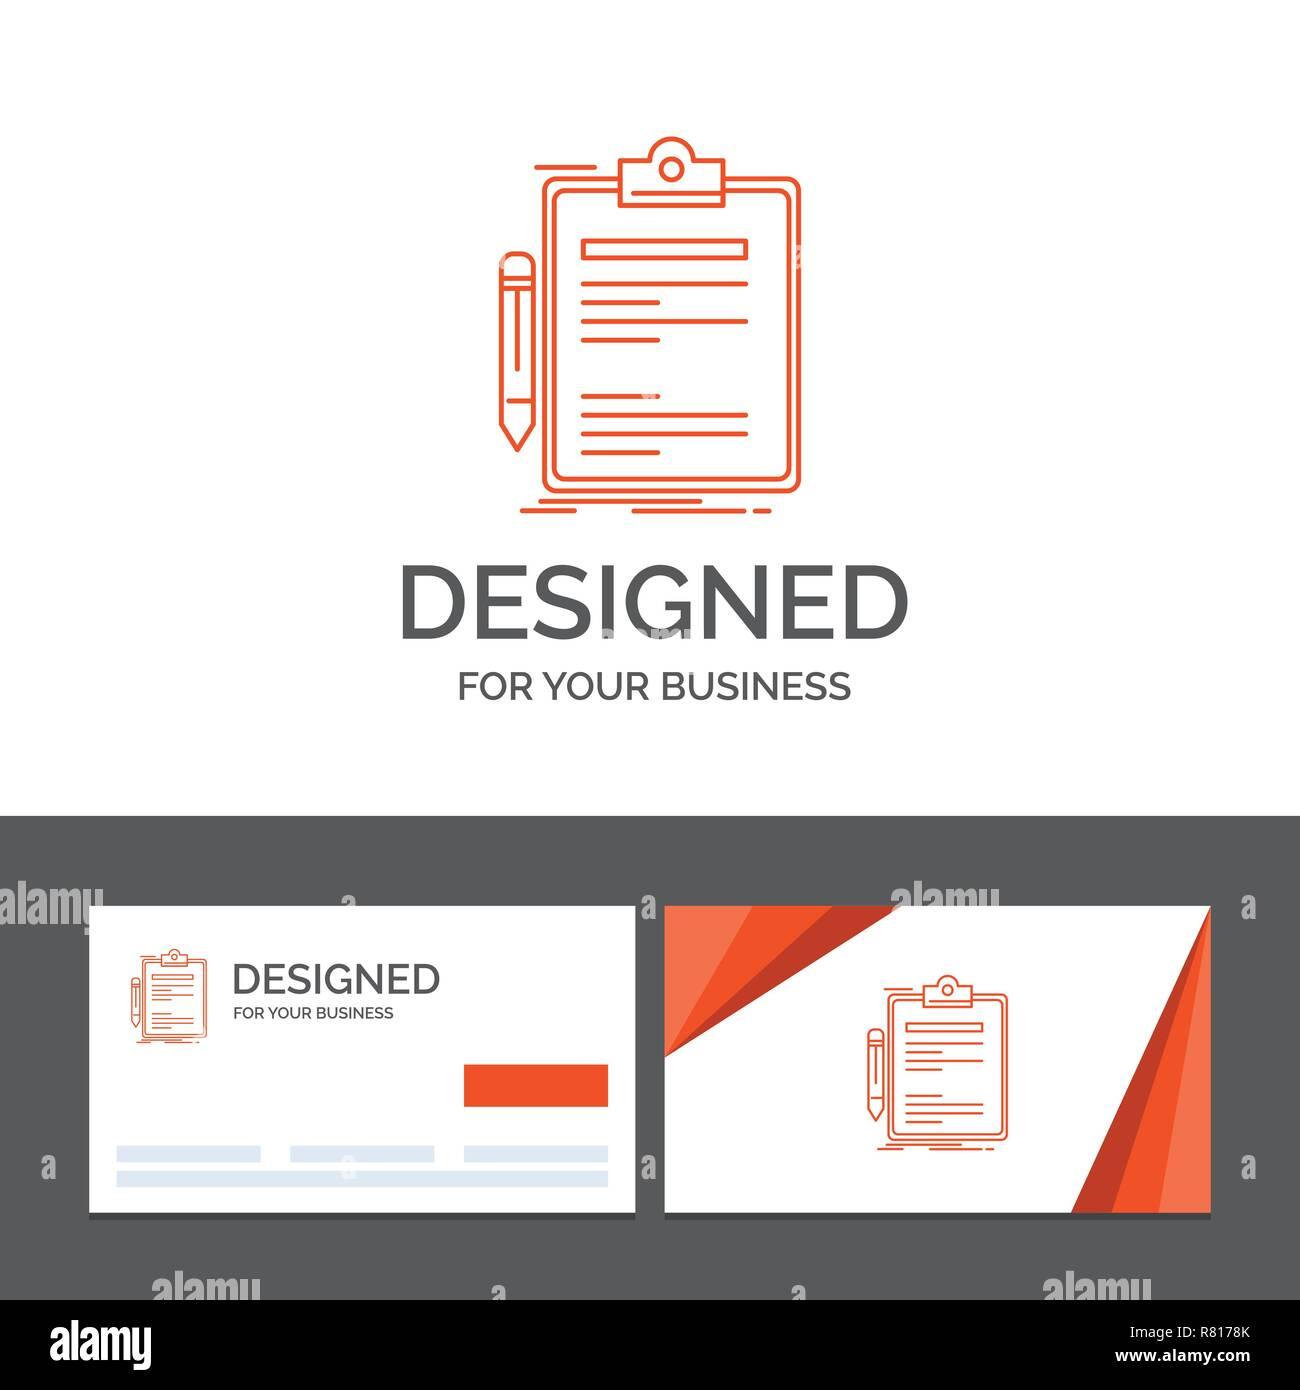 Business Logo Vorlage Für Vertrag Check Business Getan